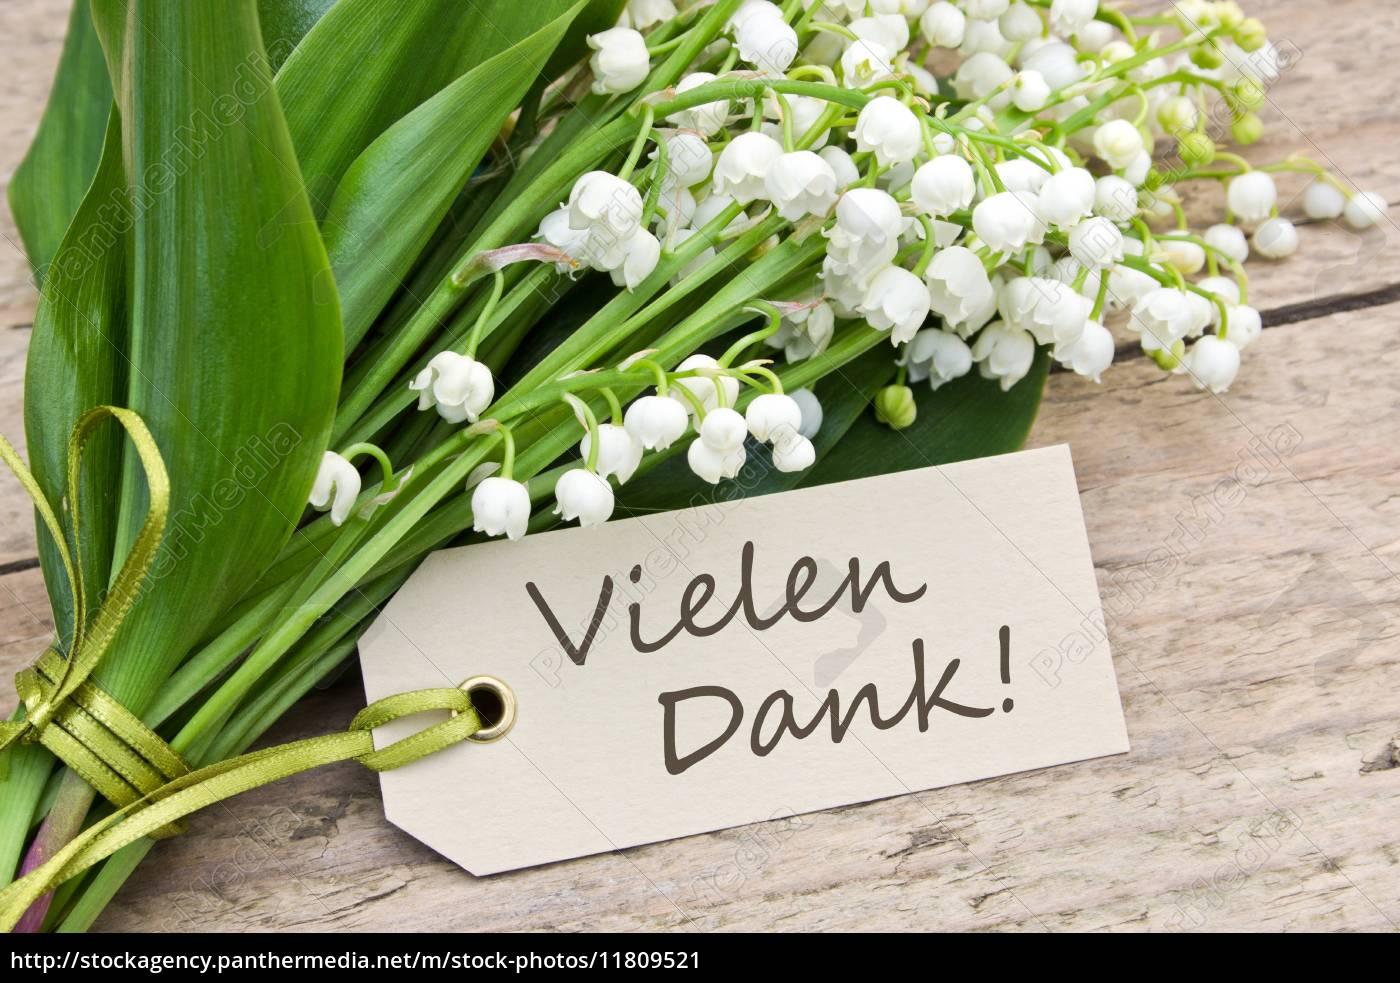 tafel, blatt, baumblatt, blume, pflanze, gewaechs - 11809521